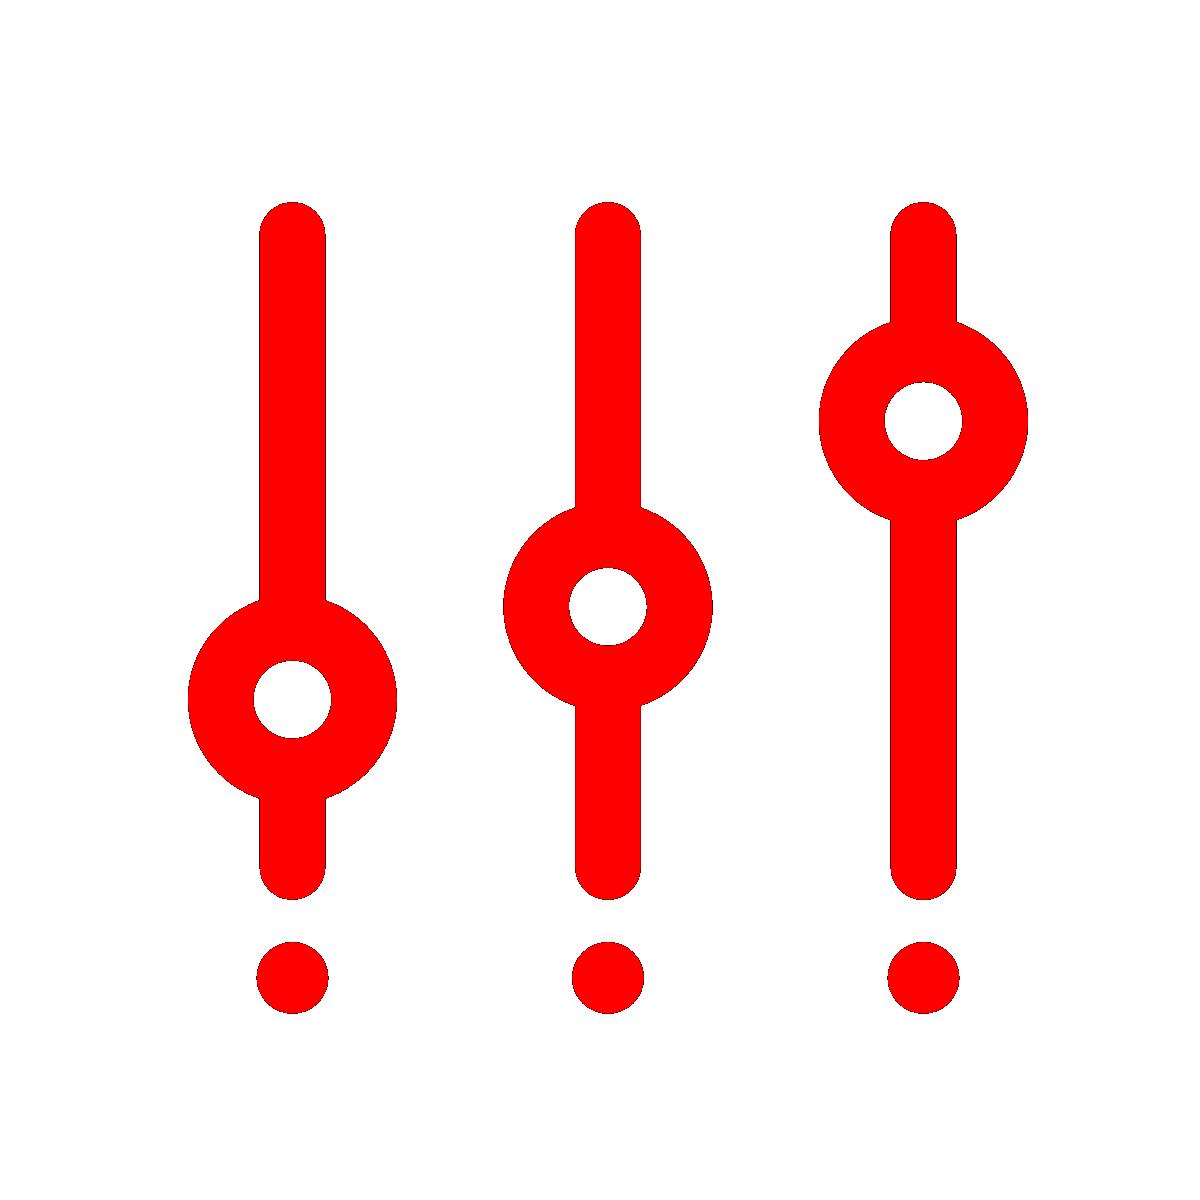 profile_picture_symbol_transparent